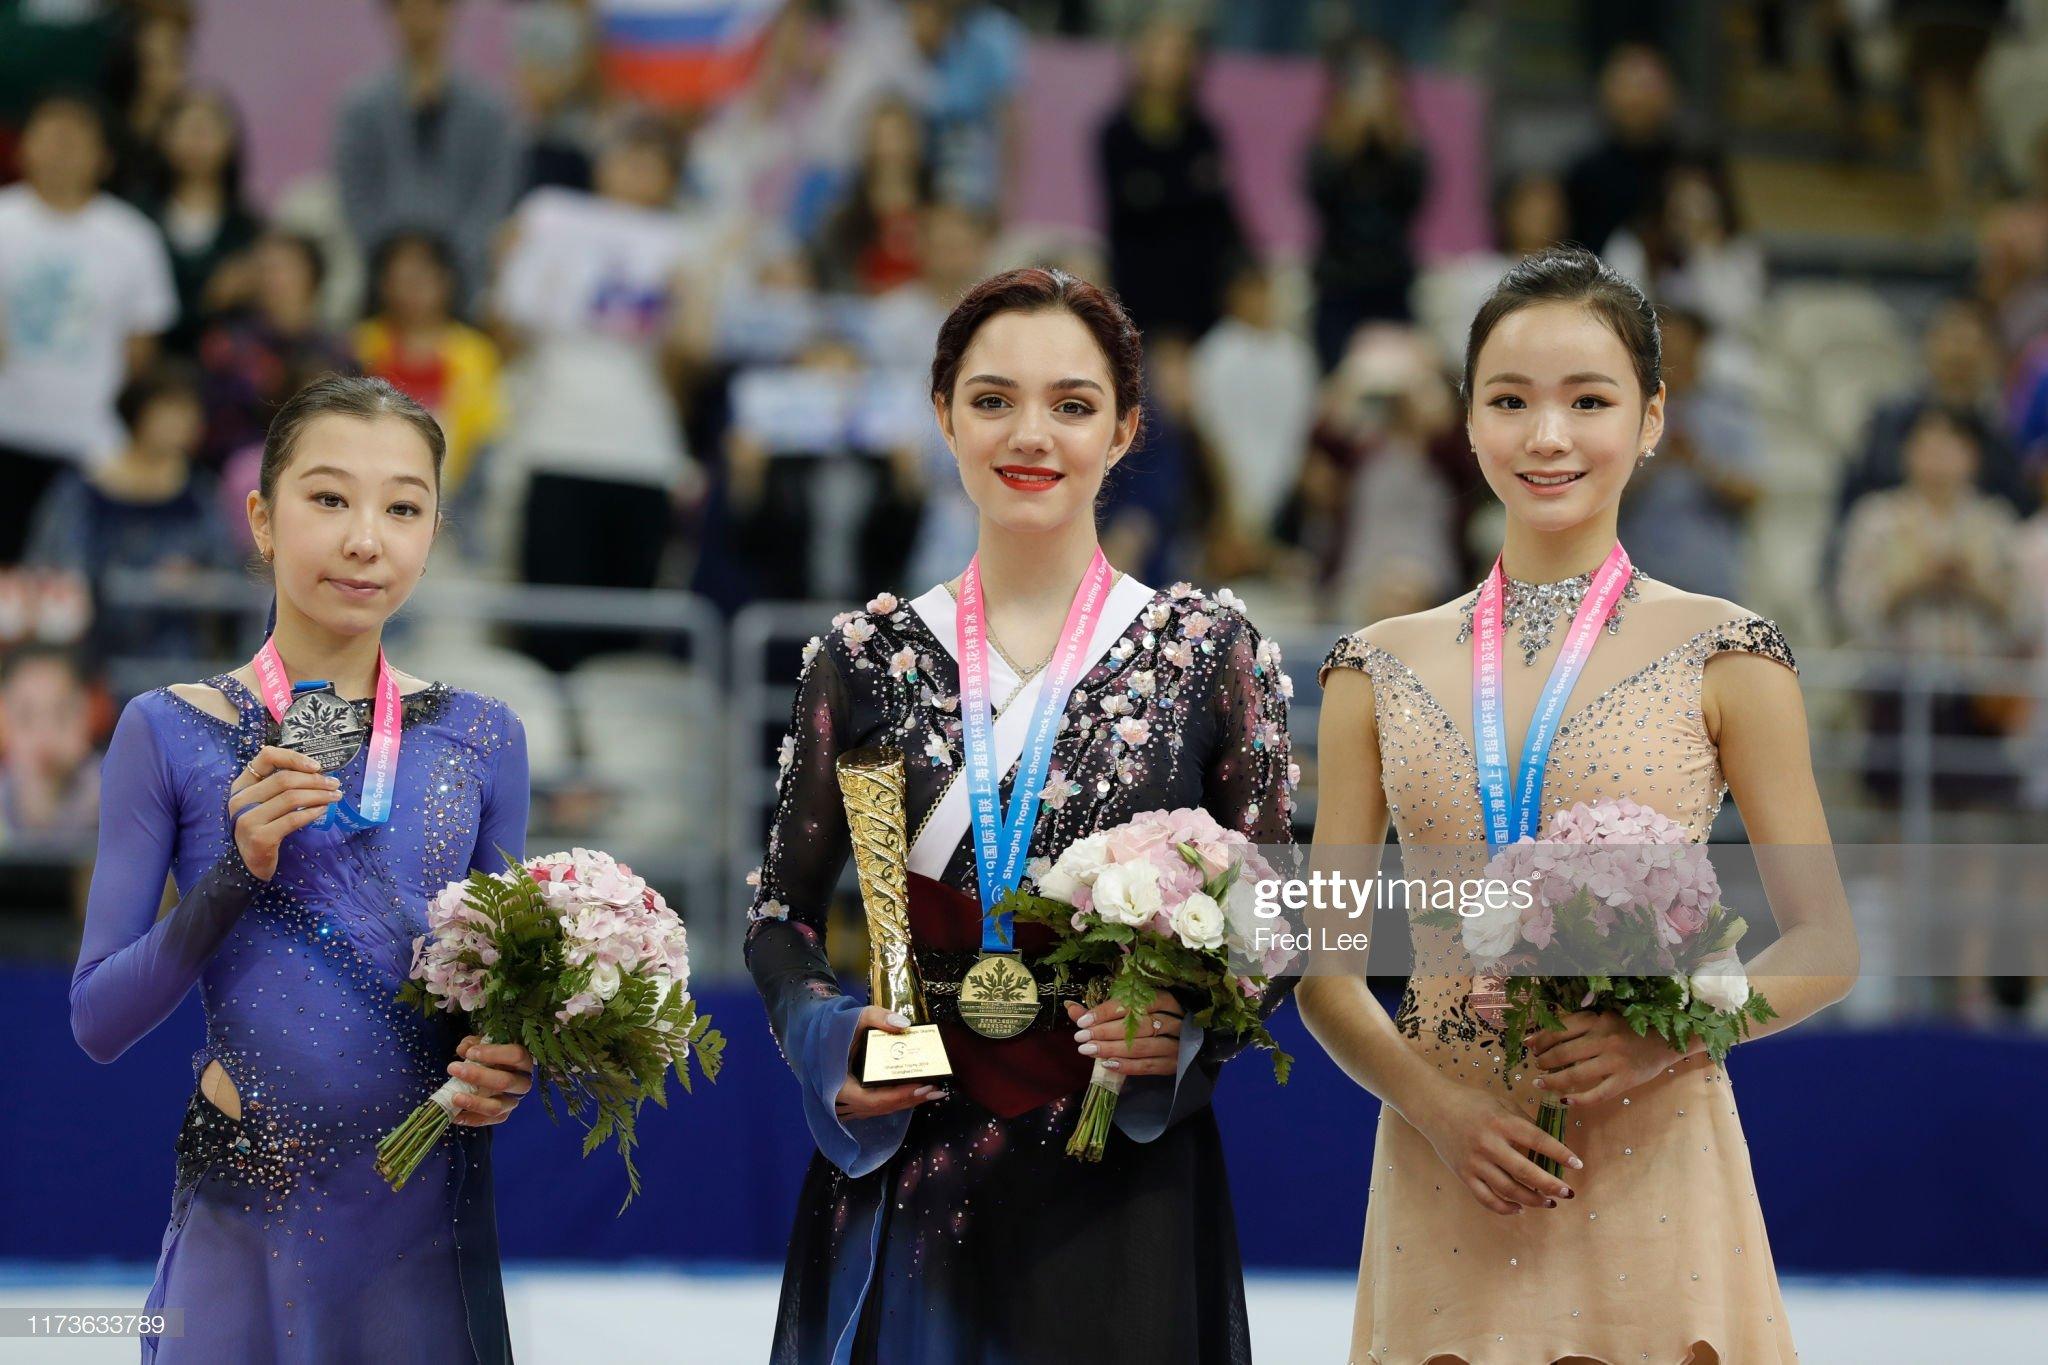 Shanghai Trophy (Invitational). 3-5 октября 2019. Шанхай (Китай) - Страница 6 EGDAAIaXYAA-5f3?format=jpg&name=4096x4096